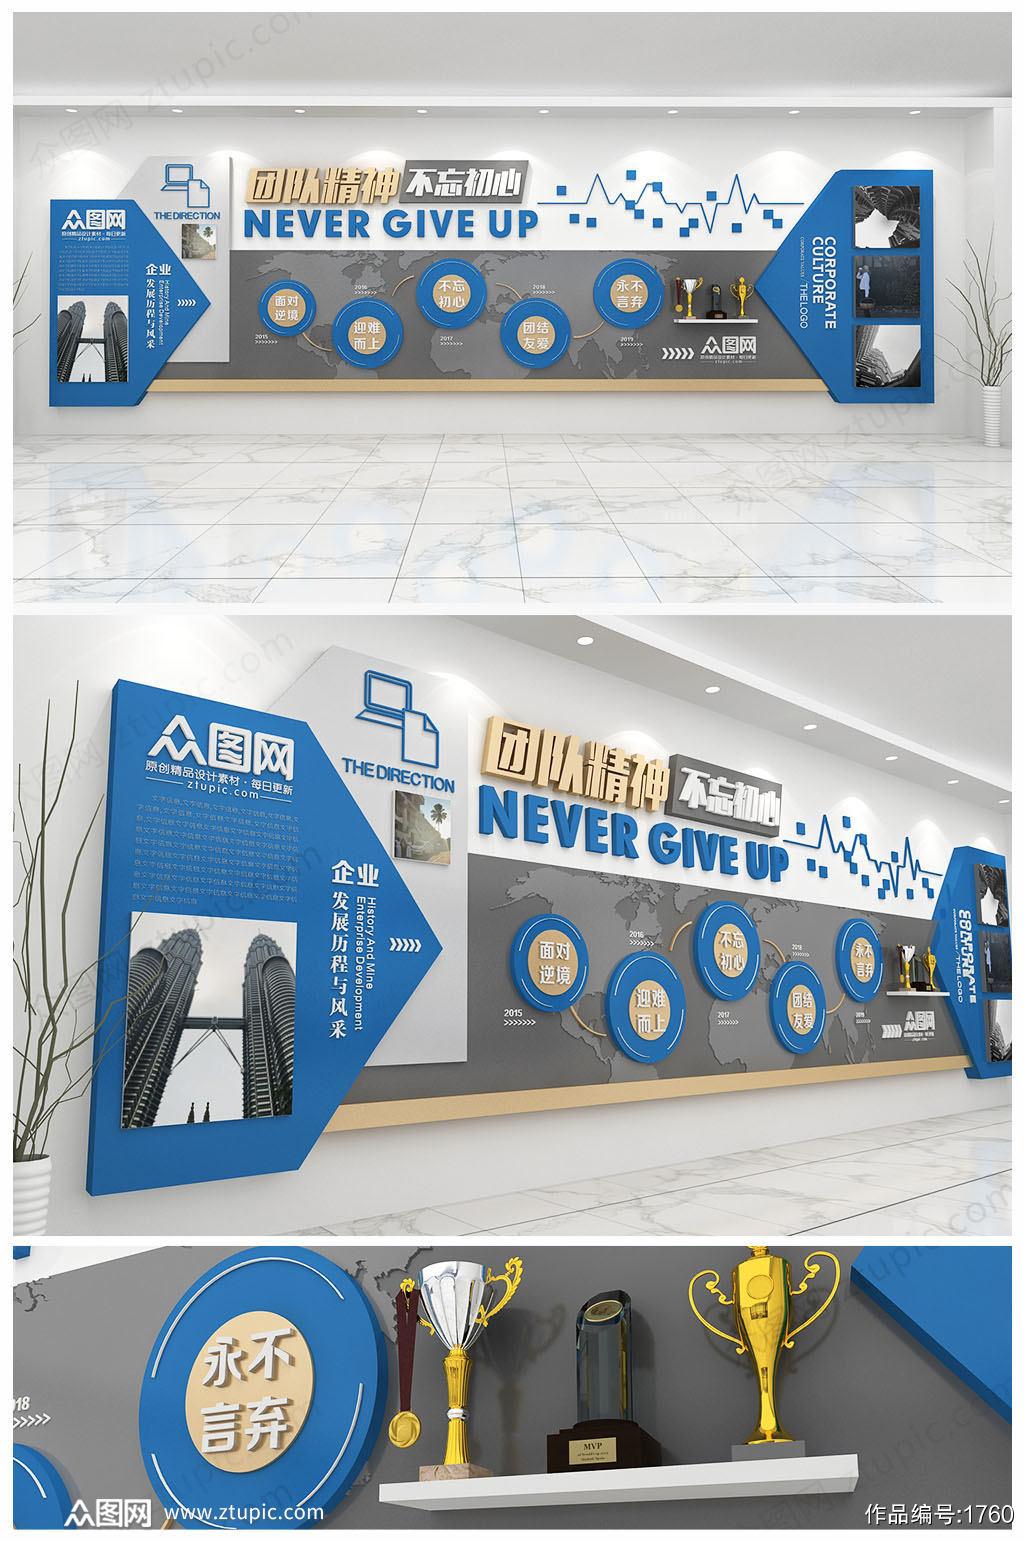 大气中庭企业文化墙荣誉墙奖项墙素材